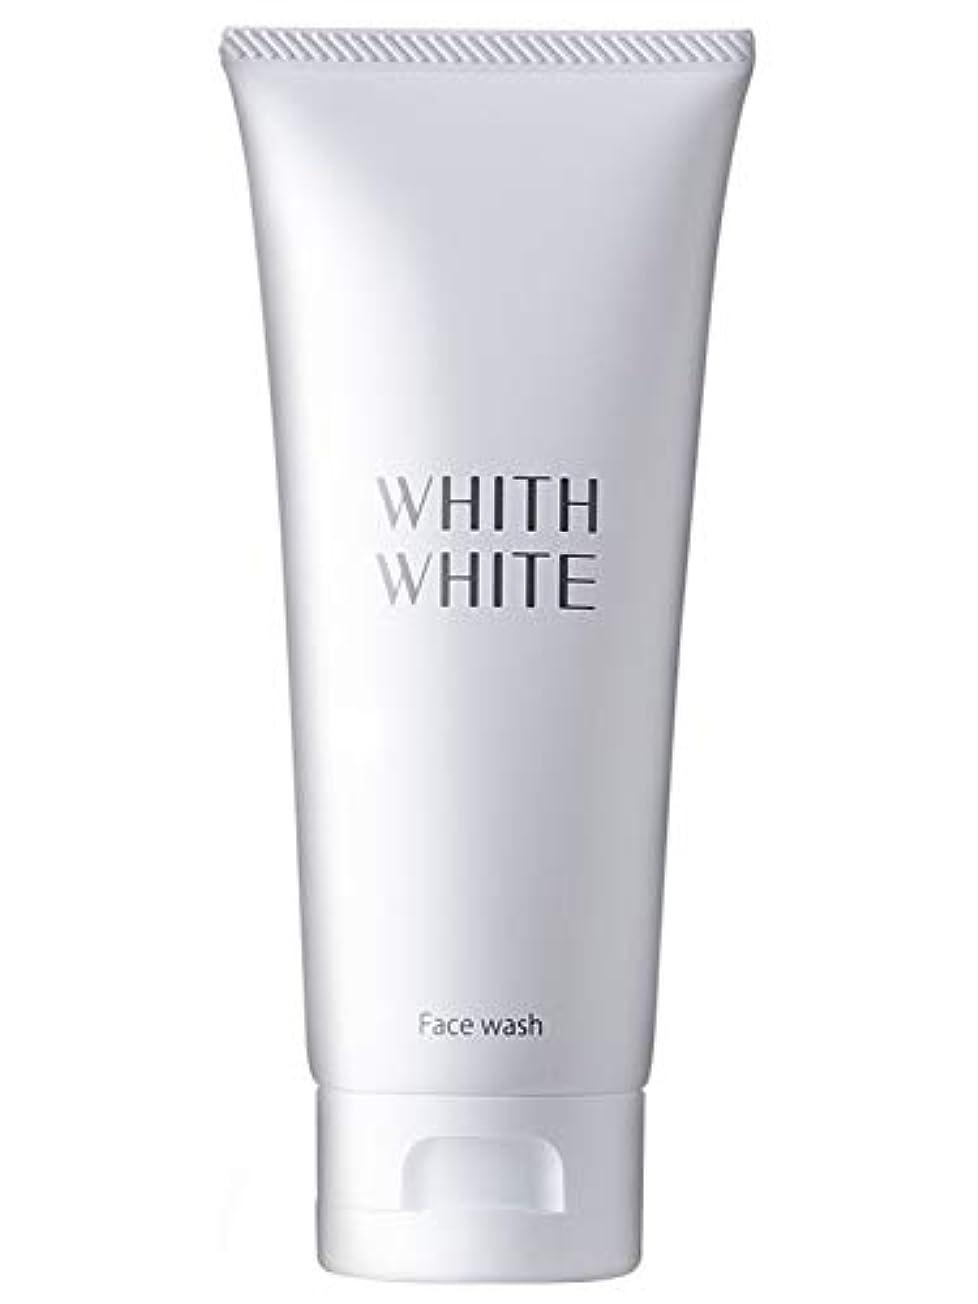 フラップあたり希少性洗顔 医薬部外品 【 泡 で 毛穴 黒ずみ を徹底対策する 洗顔料 】 フィス ホワイト 無添加 洗顔フォーム 「 しみ くすみ 用 フェイスウォッシュ 」 100g